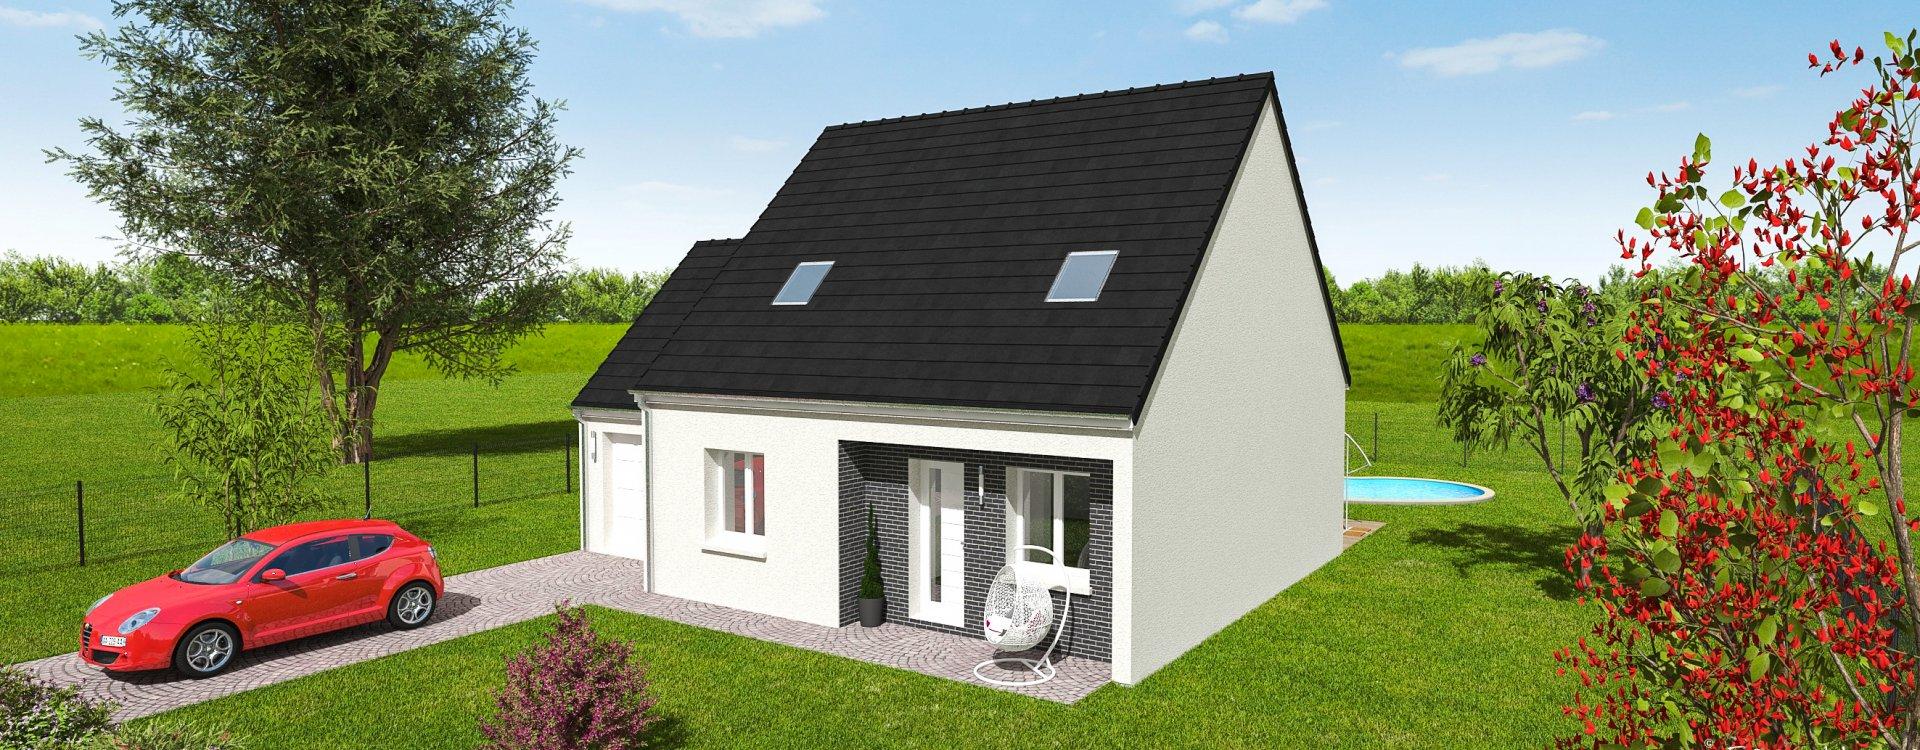 Maisons + Terrains du constructeur EASY HOUSE FRANCE • 59 m² • BEAUGENCY